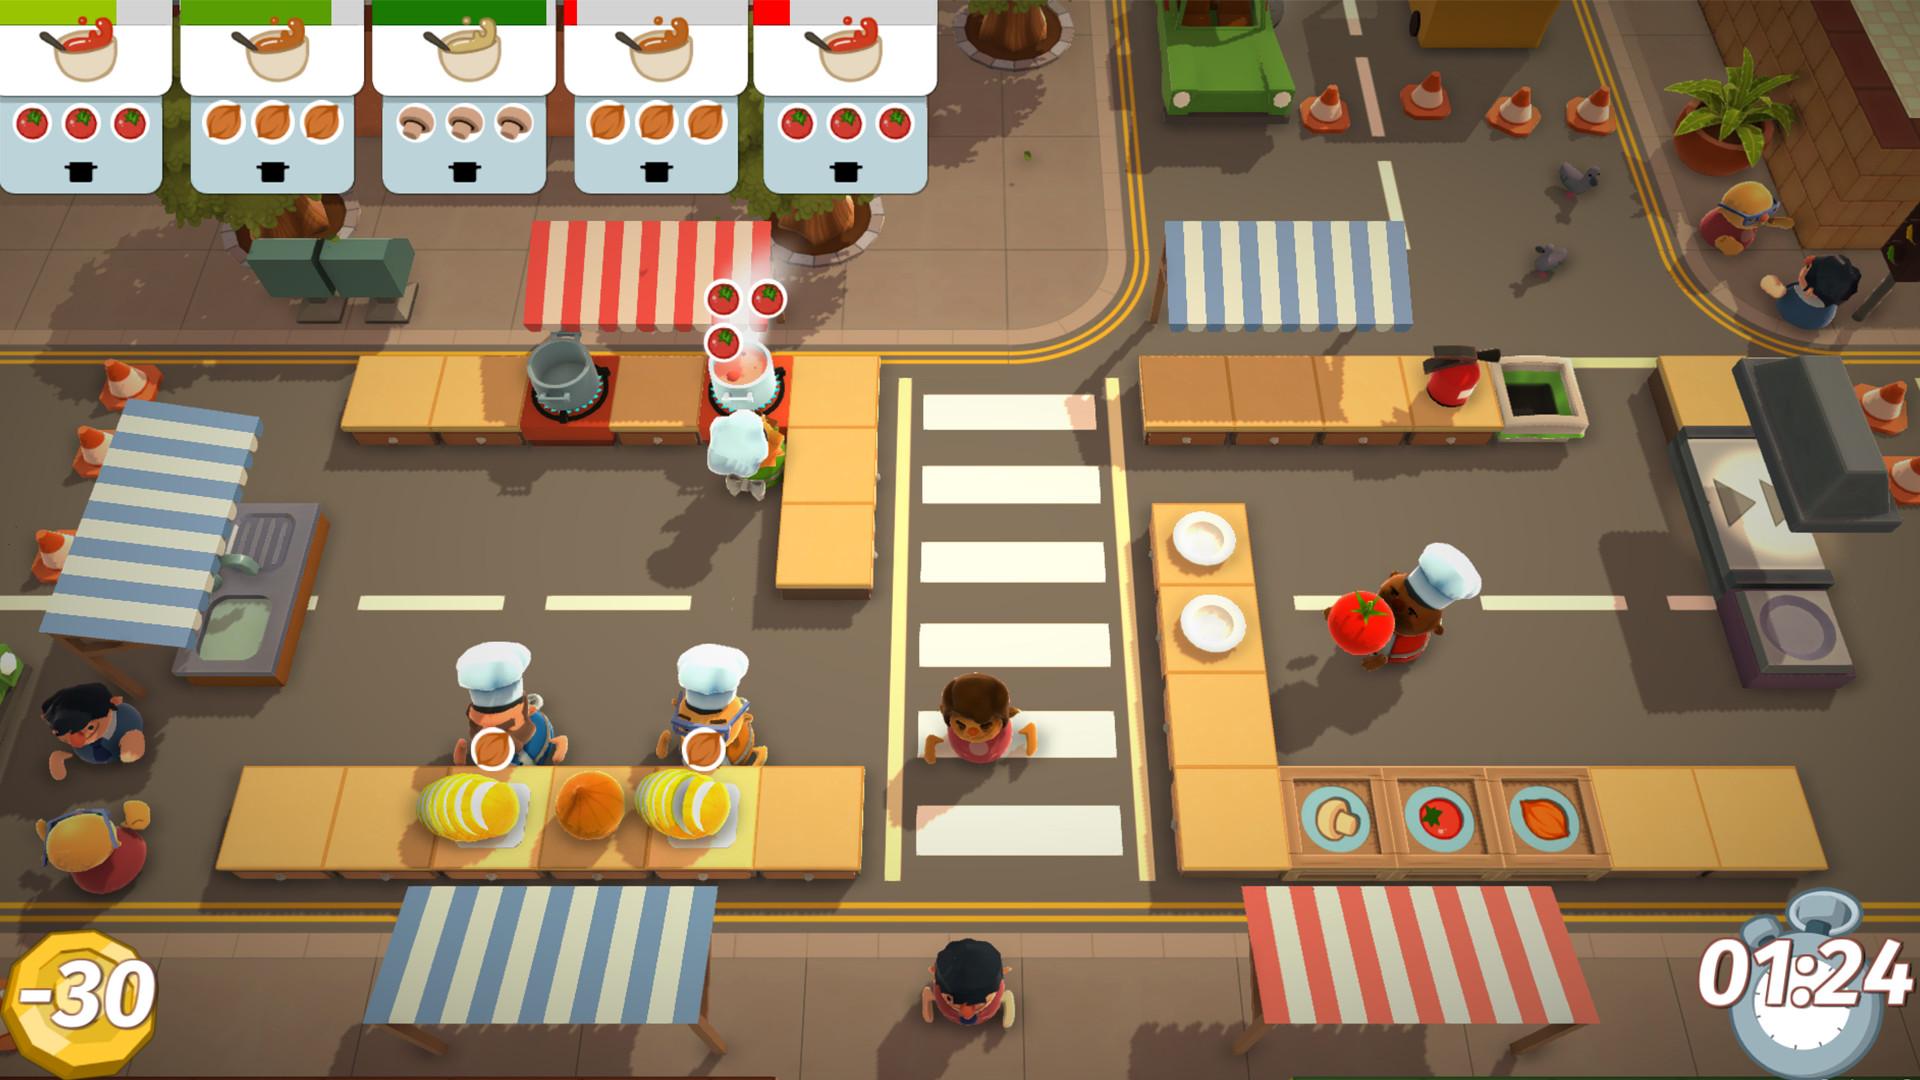 Jo flere kokker, desto mer søl. Overcooked er et kaotisk multiplayerspill som kan få blodet til å koke. Foto: Ghost Town Games, Team17